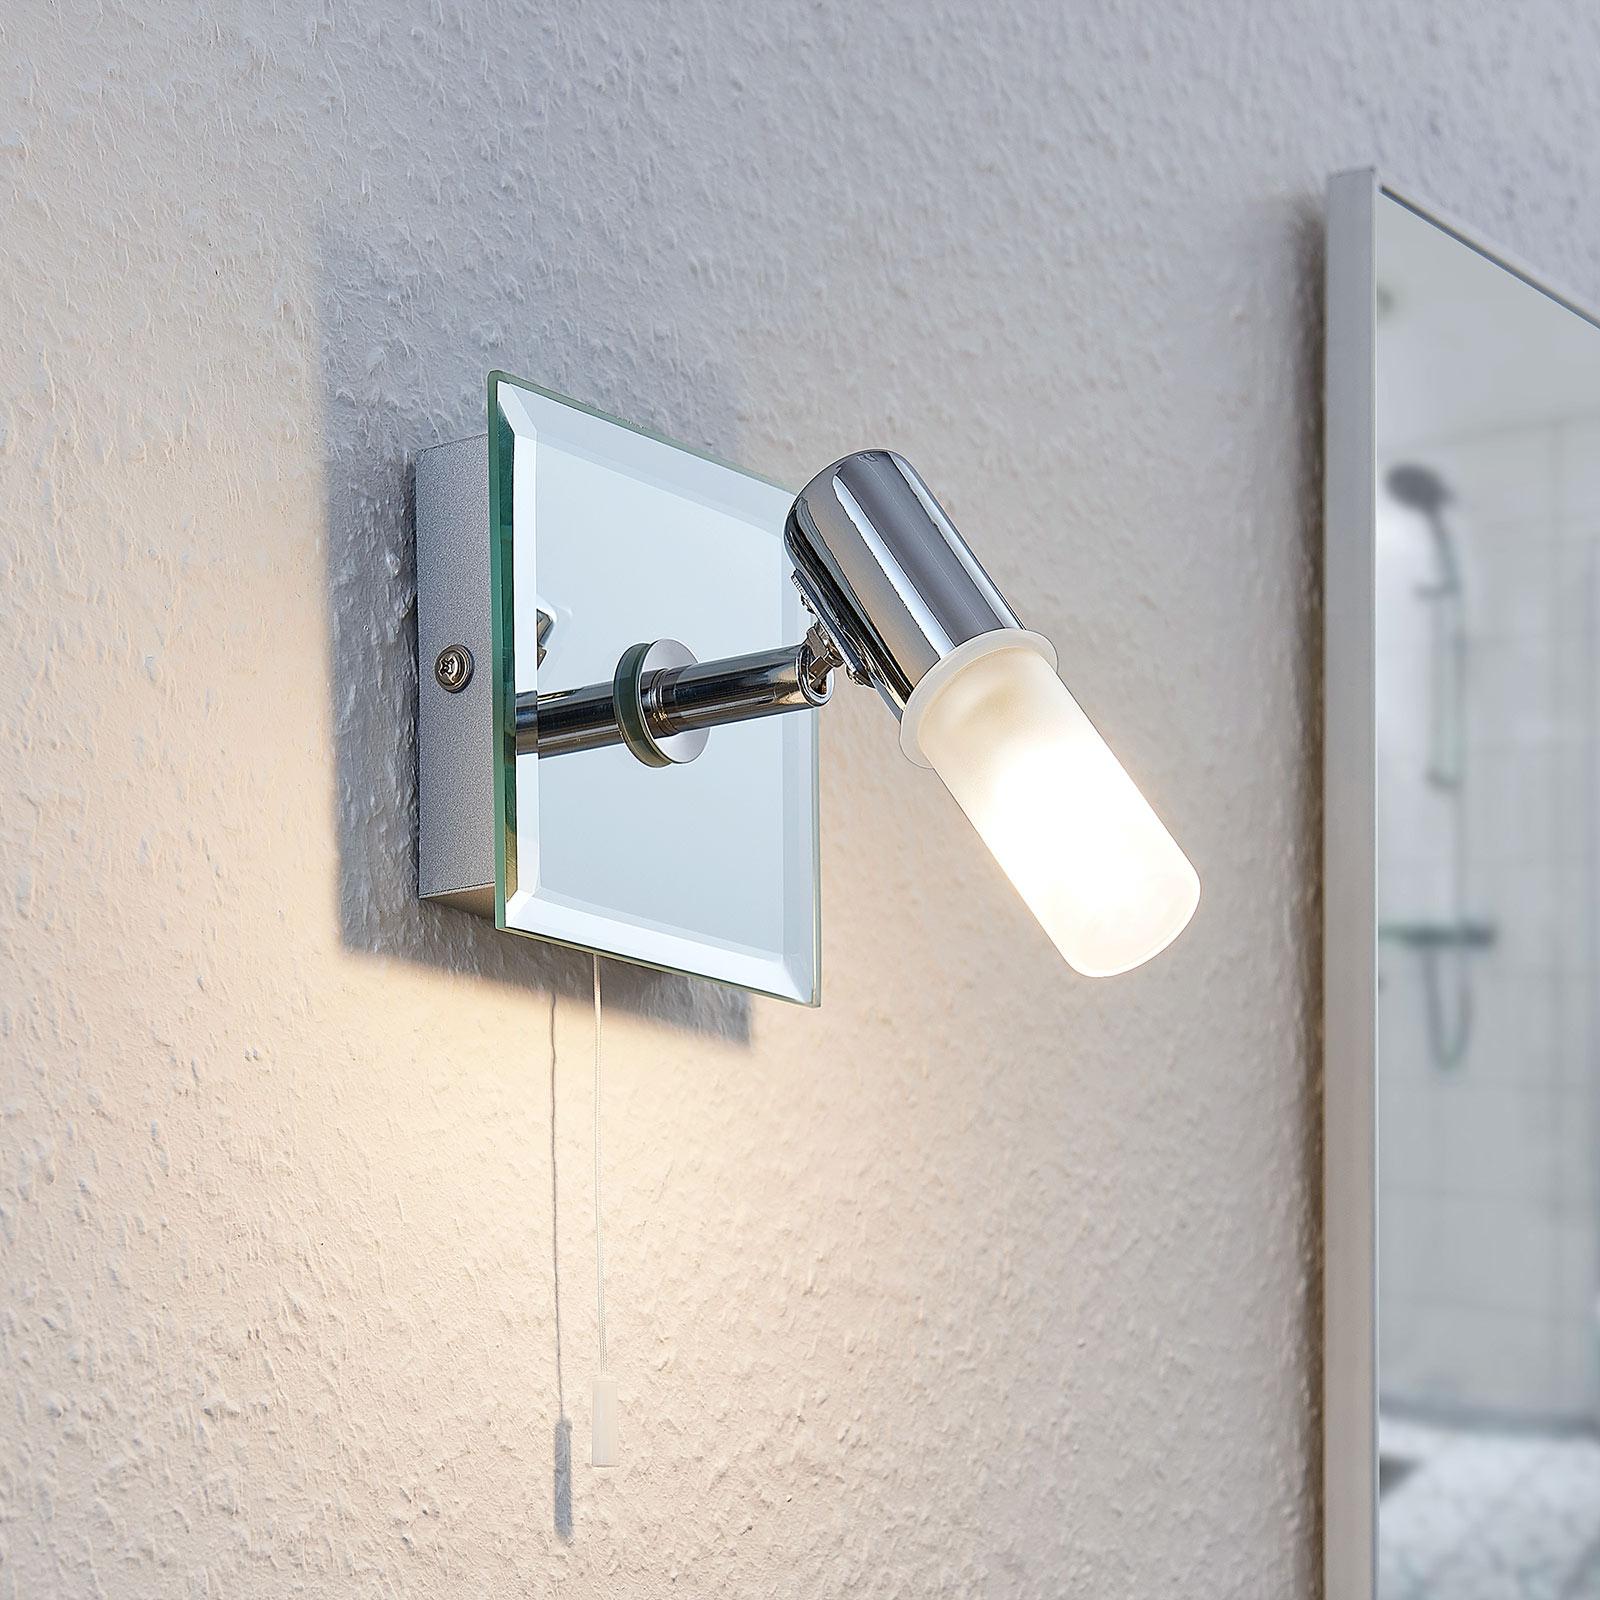 Vägglampa Zela, badrumslampa med dragströmbrytare